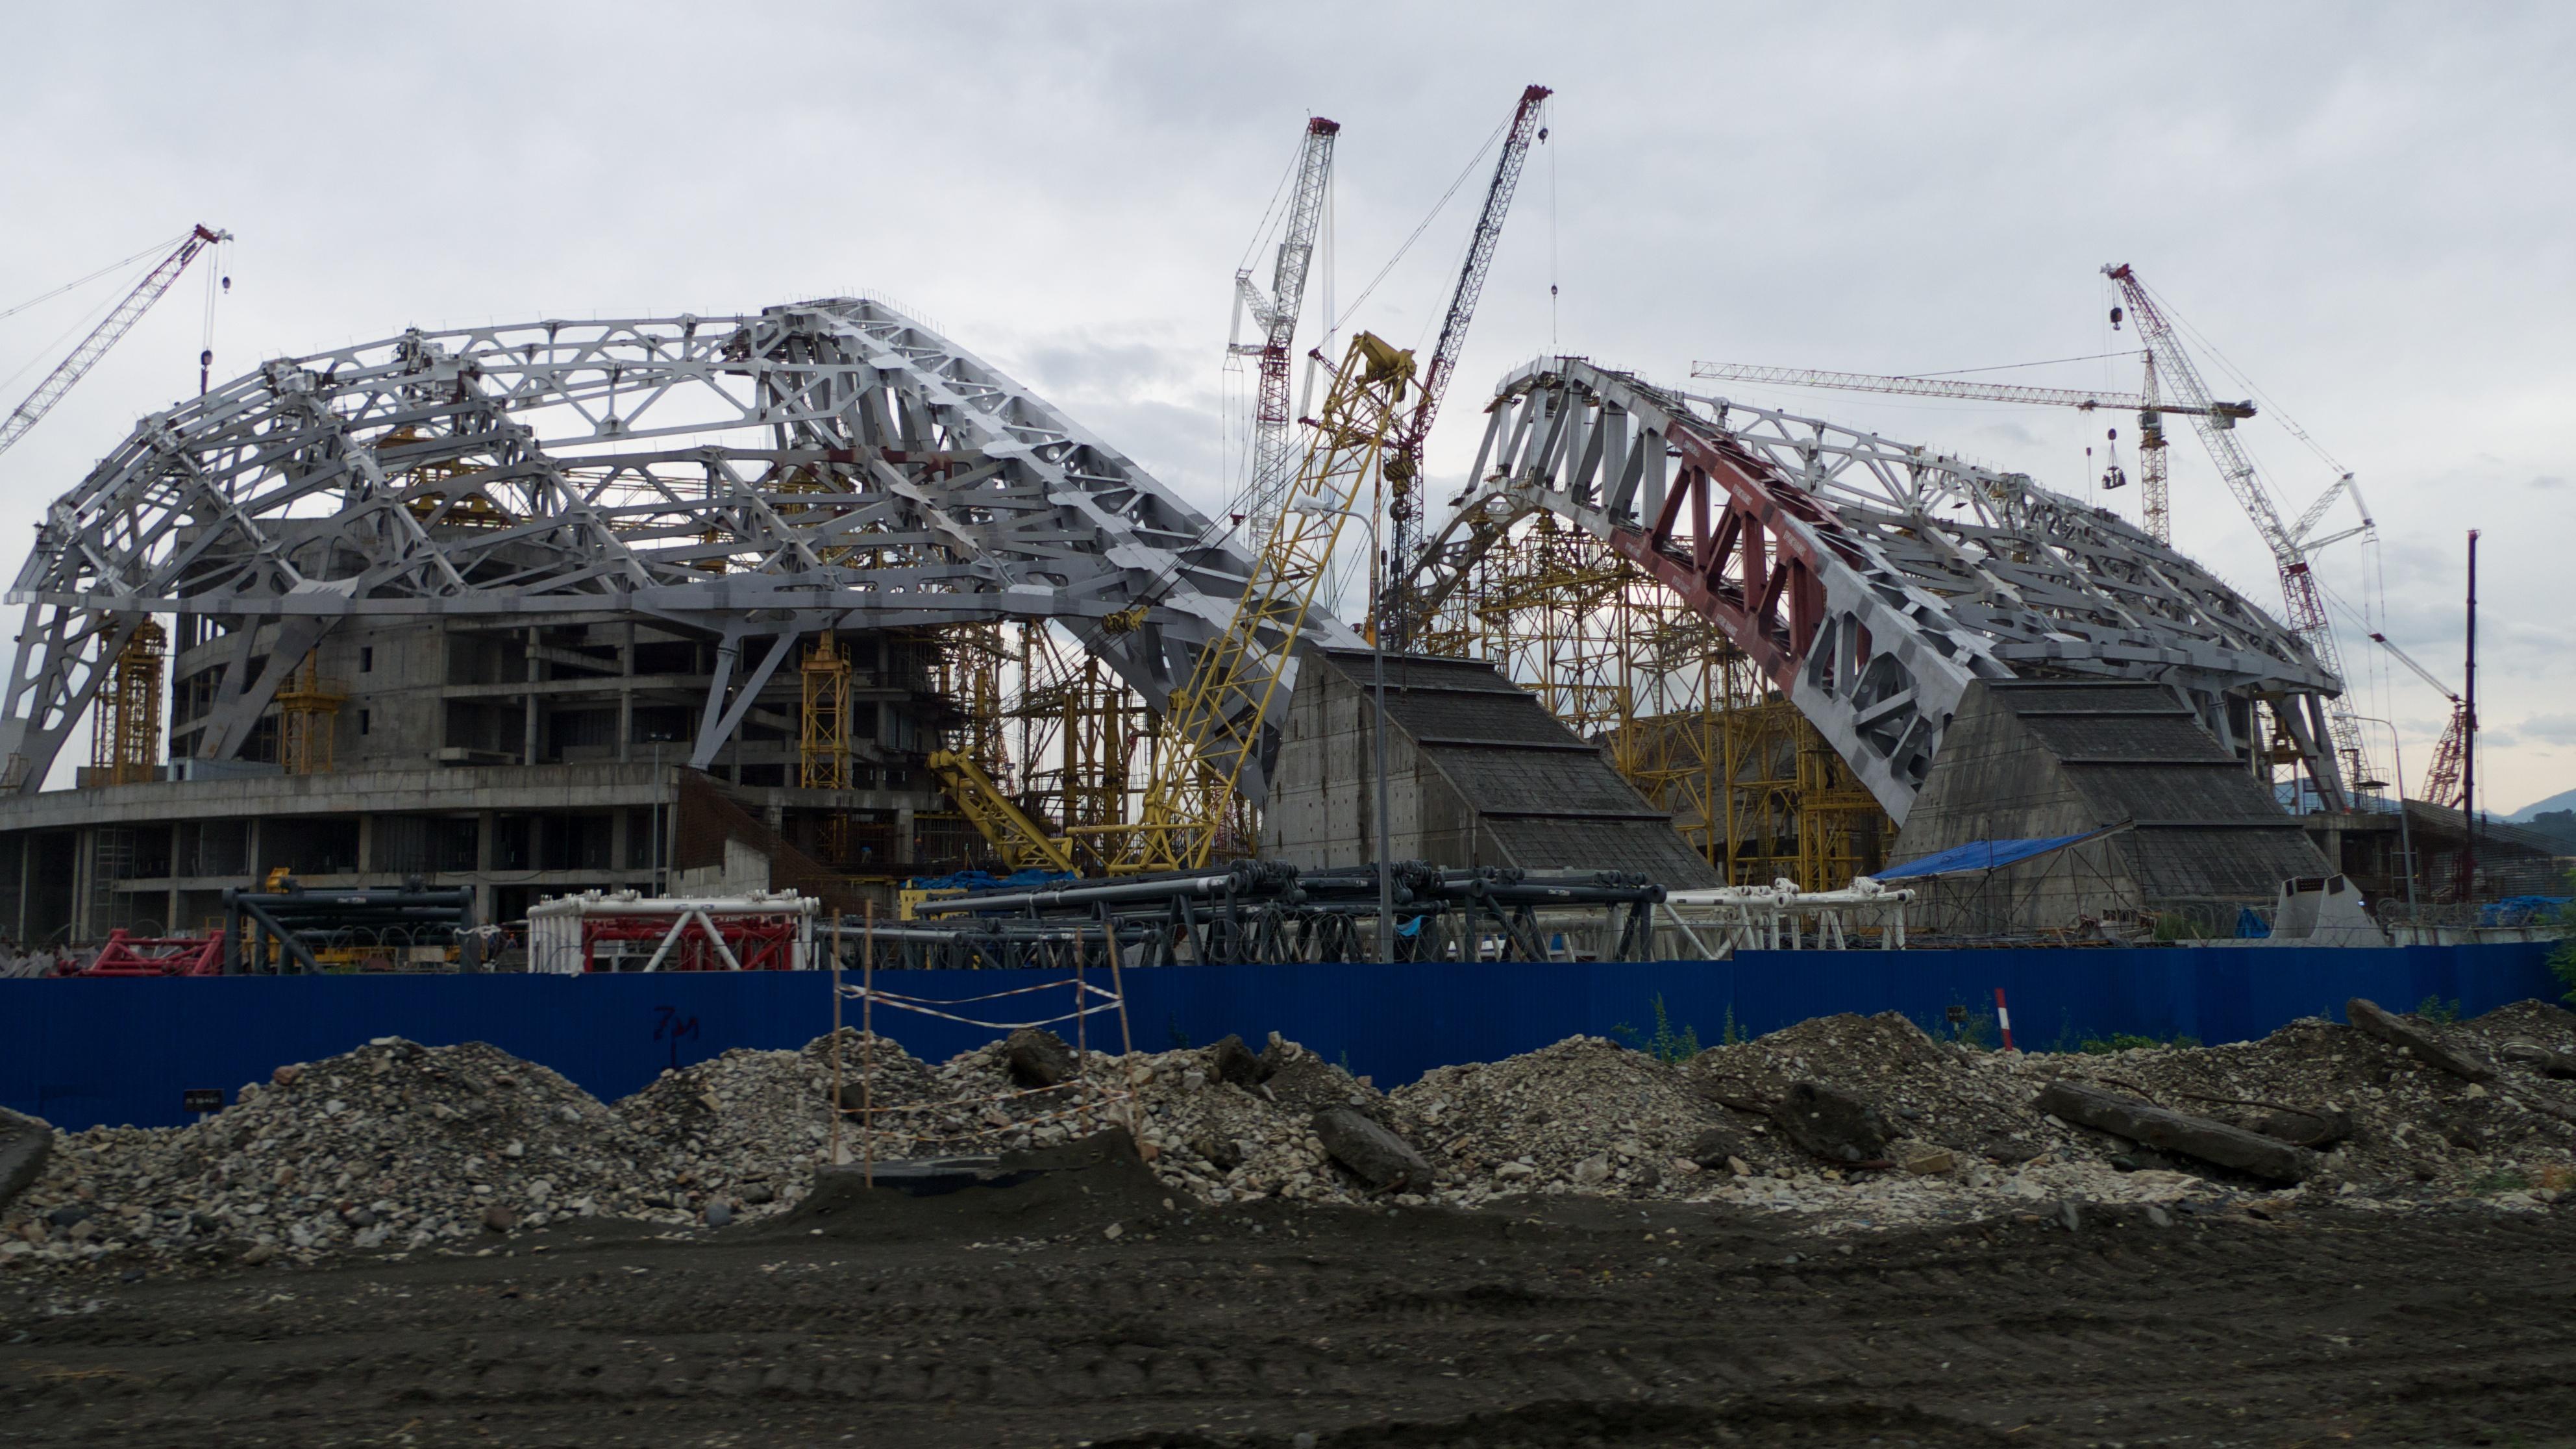 Будущий стадион открытия Олимпиады 2014 - ФИШТ